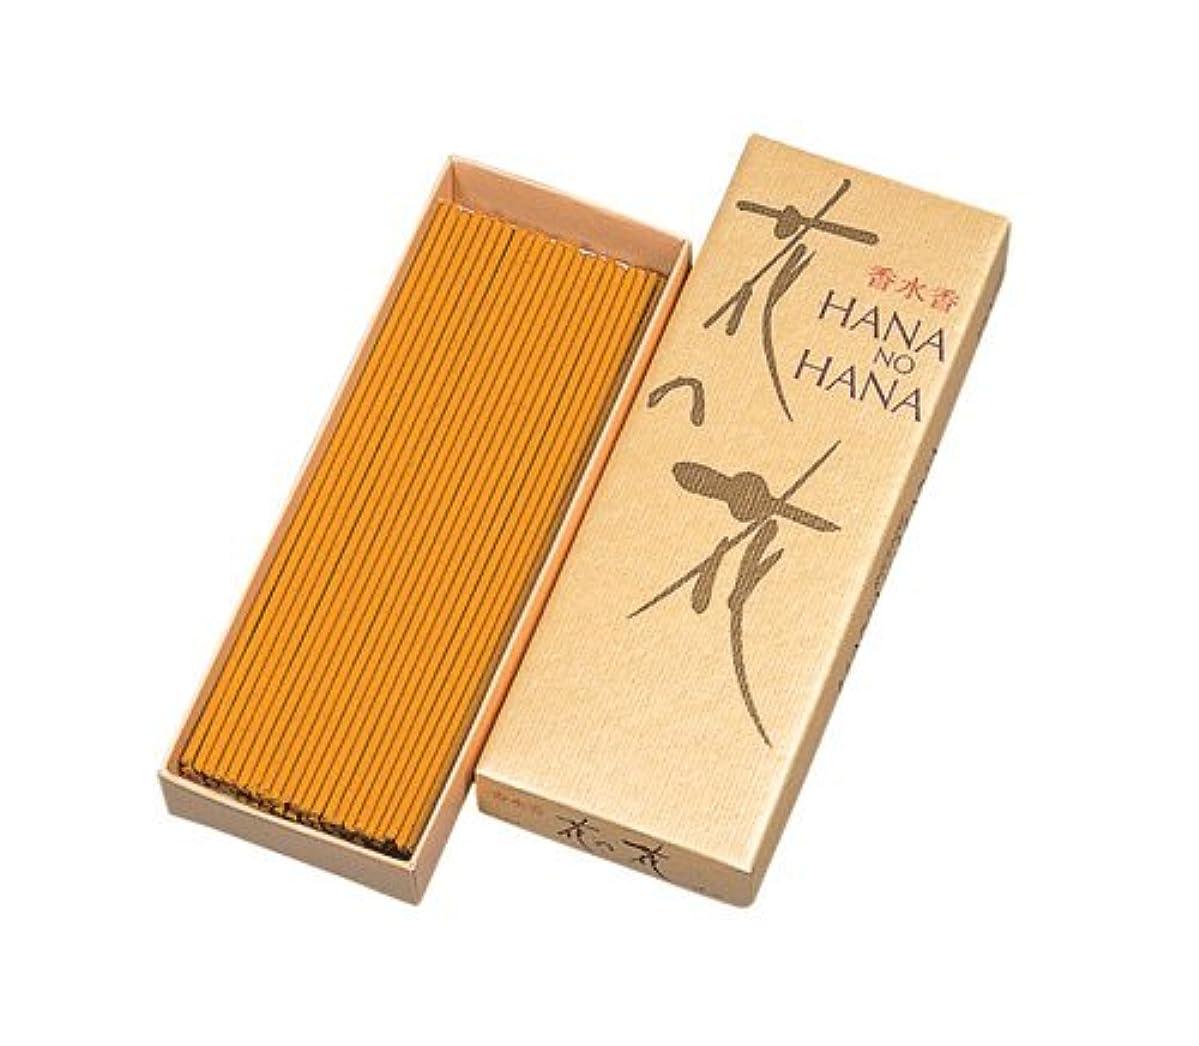 舗装する糸ケーブルカーバラの甘い香り 香水香 花の花 ばら 長寸80本入